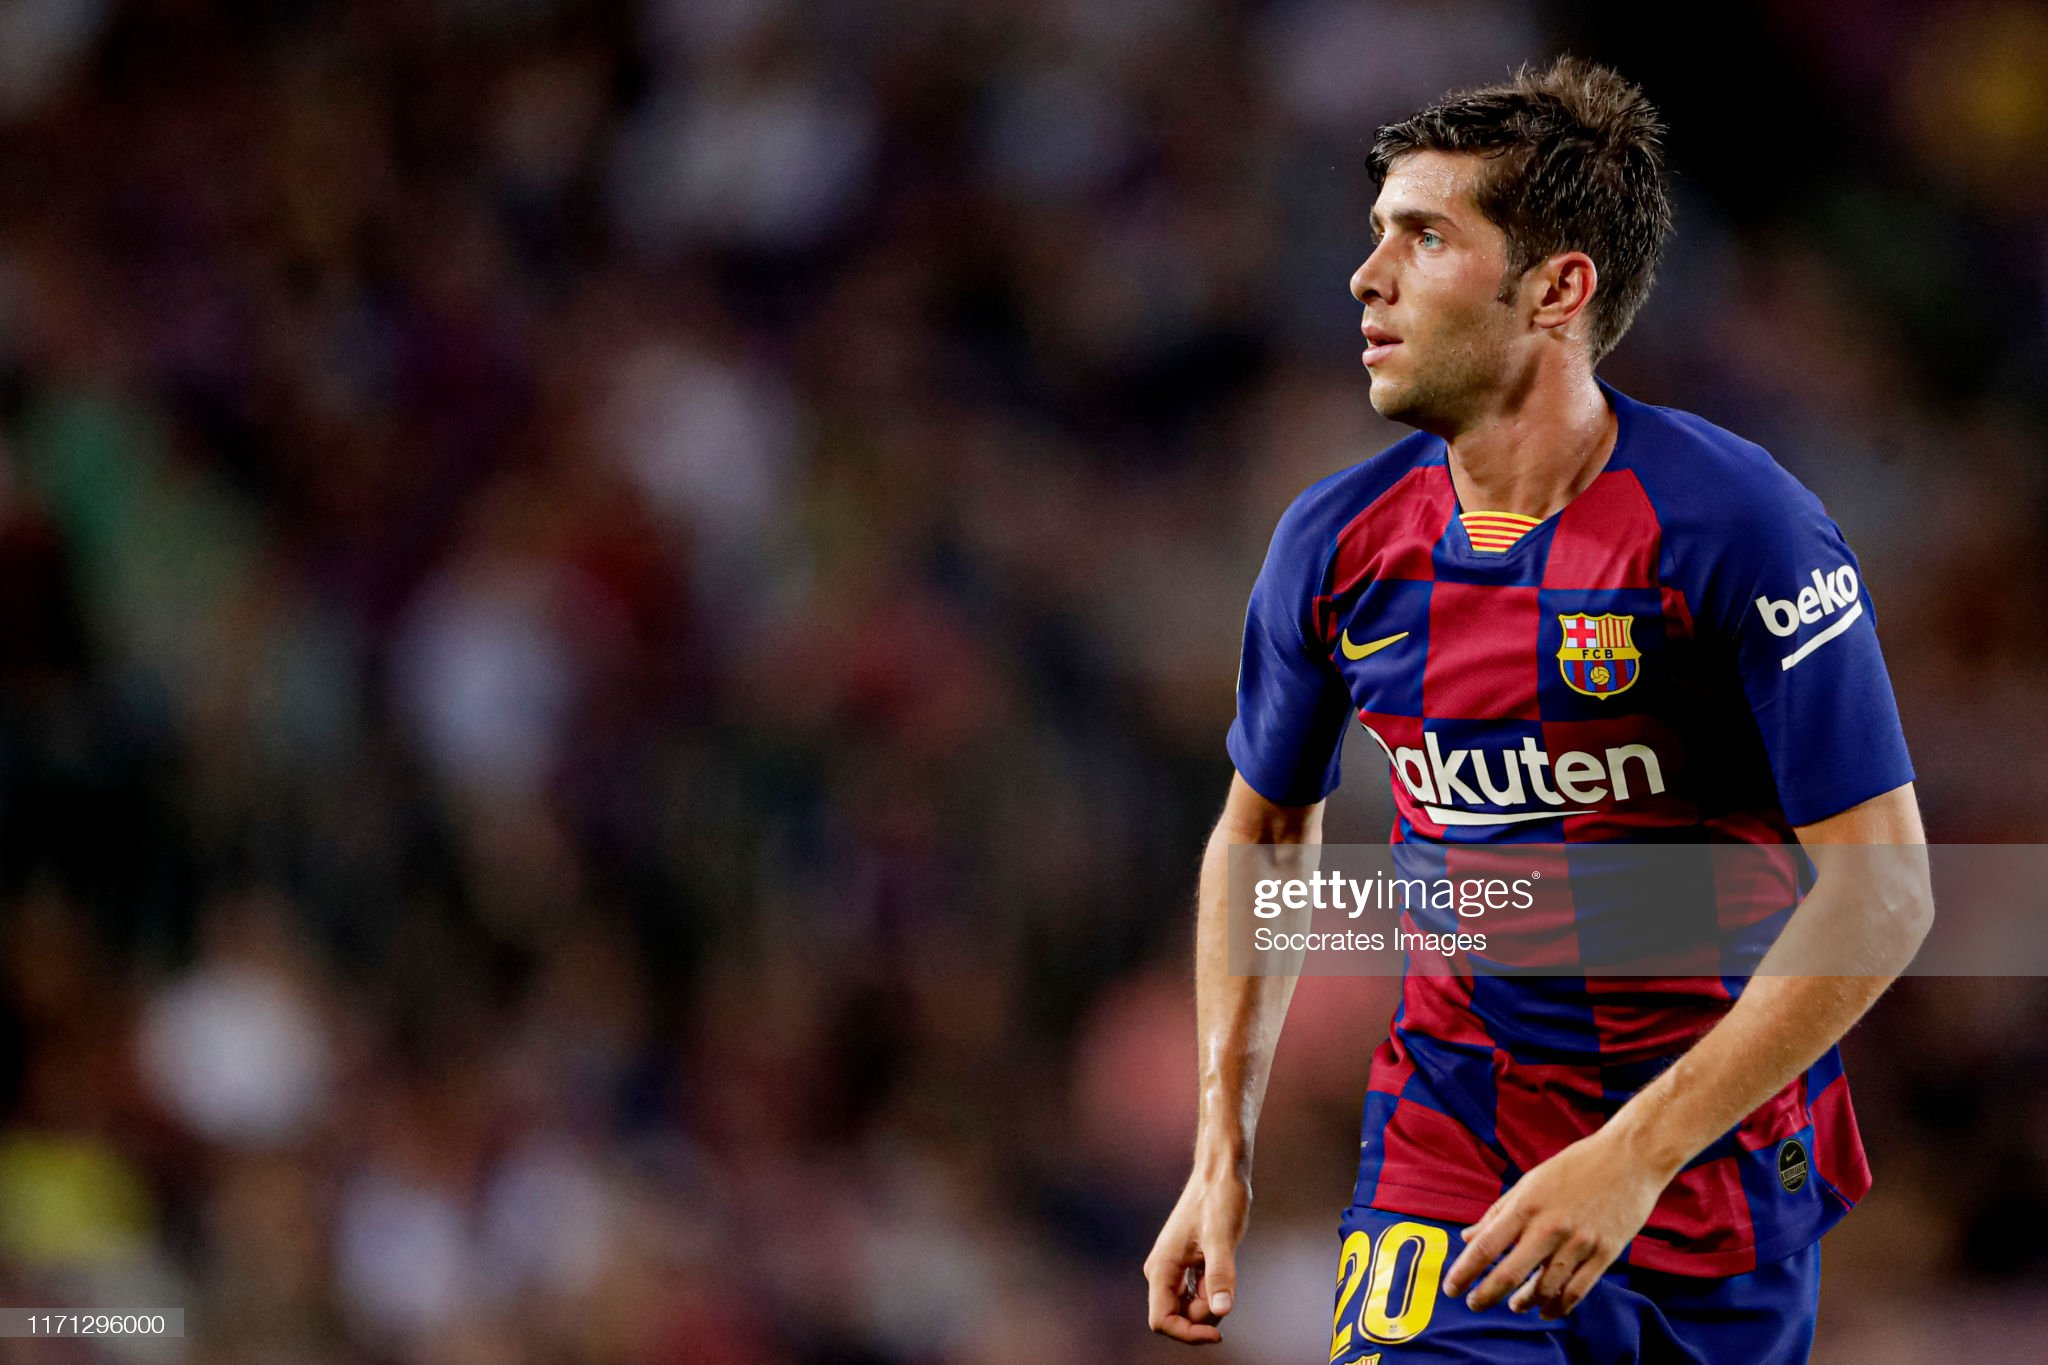 صور مباراة : برشلونة - فياريال 2-1 ( 24-09-2019 )  Sergi-roberto-of-fc-barcelona-during-the-la-liga-santander-match-fc-picture-id1171296000?s=2048x2048